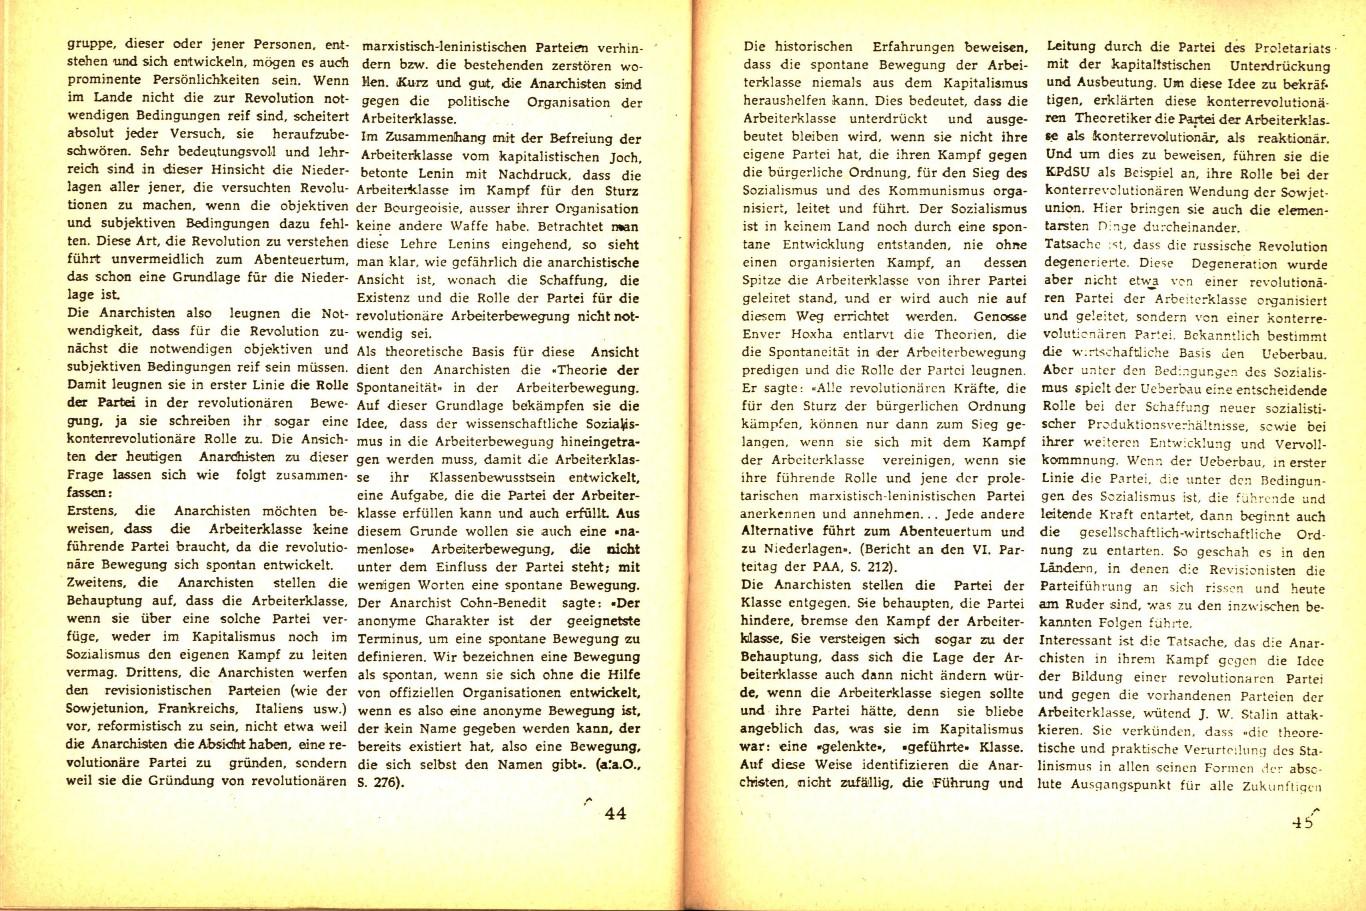 KPDAO_1974_30_Jahre_Befreiung_Albaniens_23